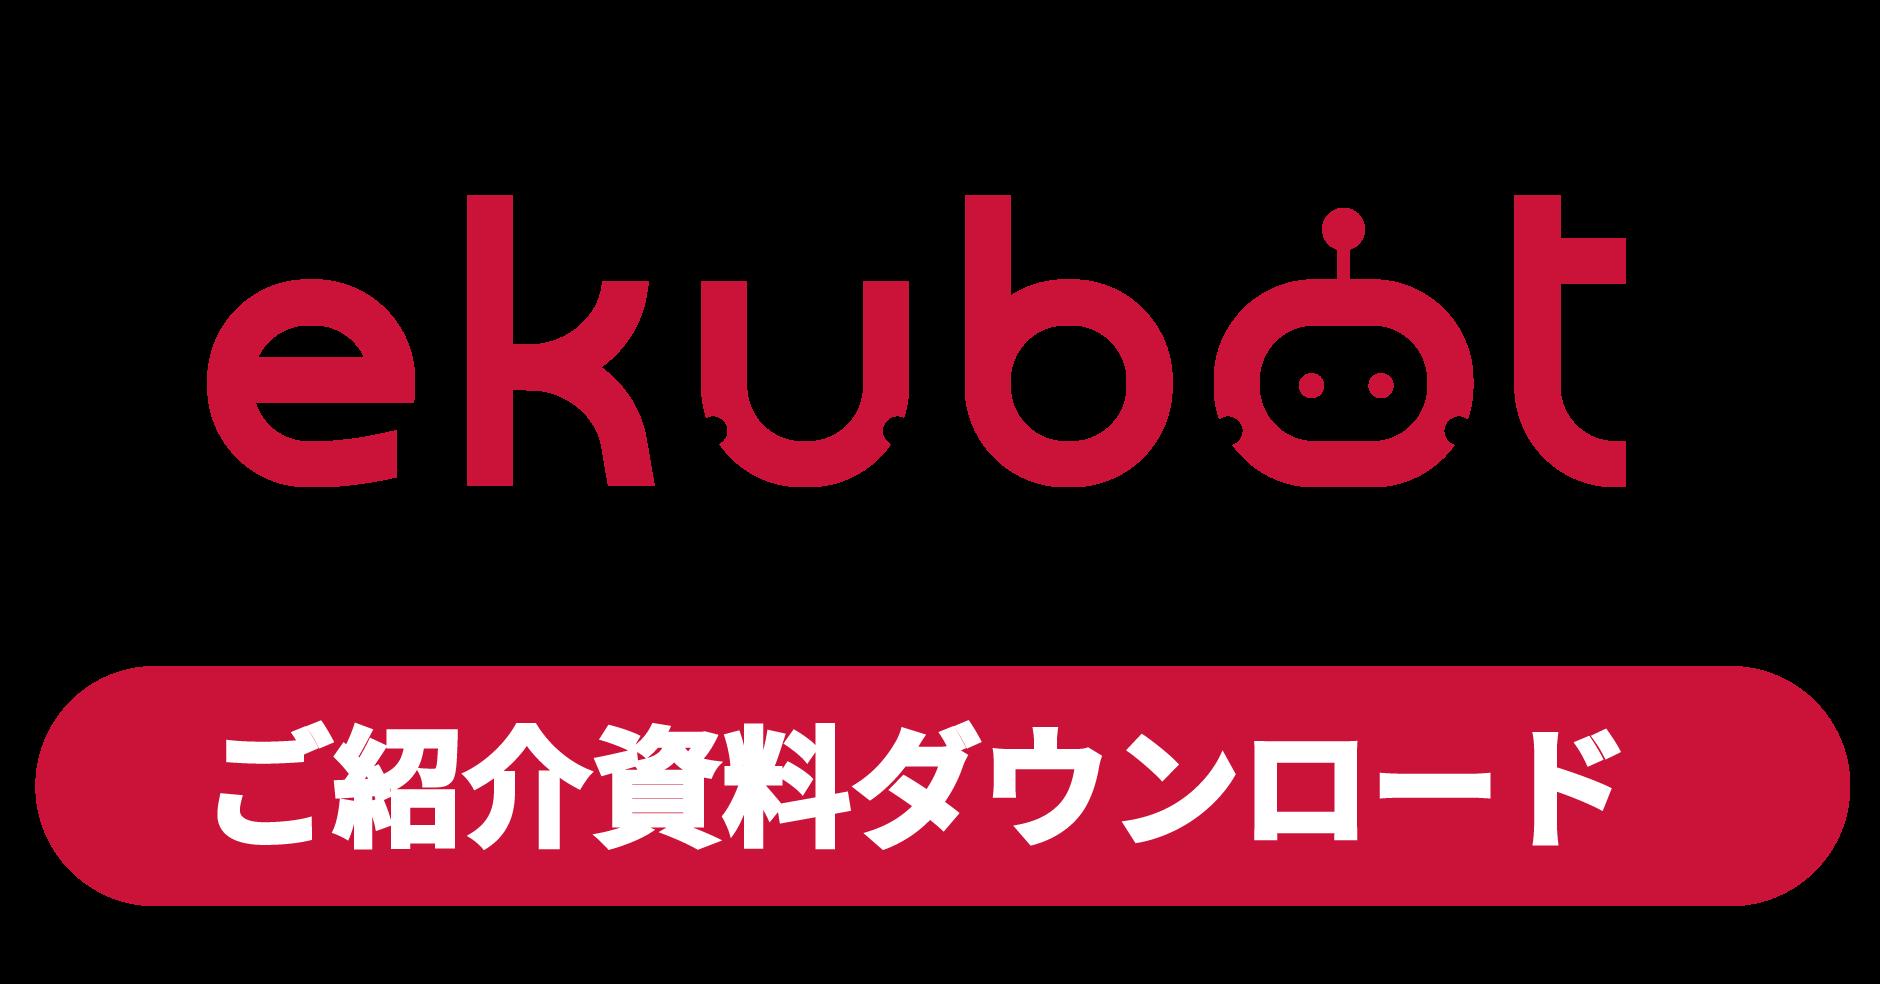 ekubotご紹介資料-1